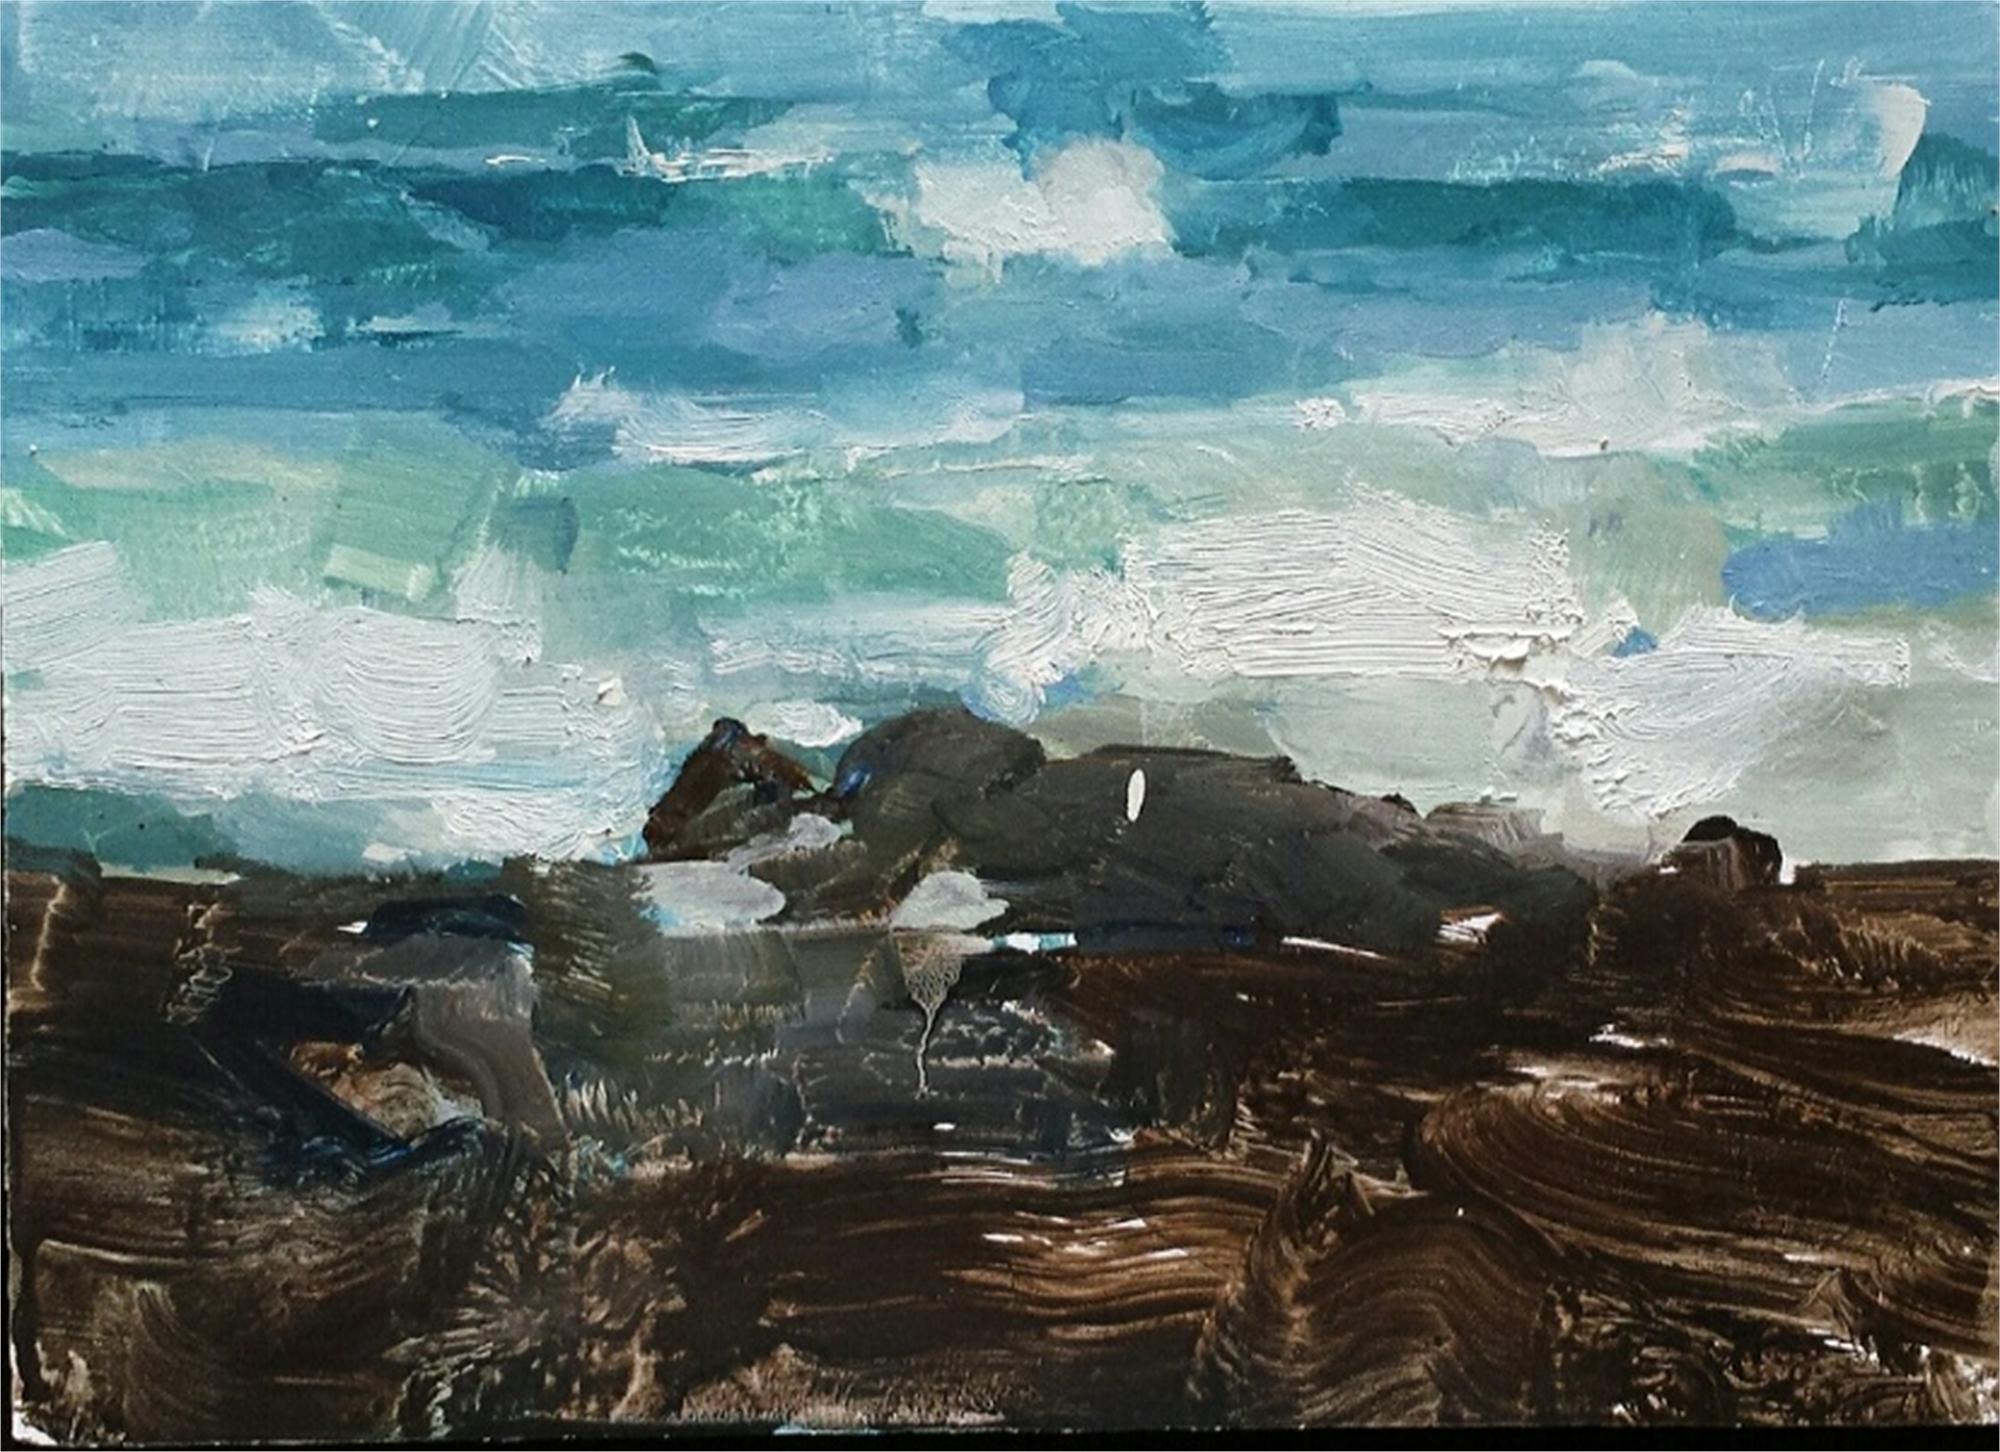 Kona Wave (plein air) by James Kroner